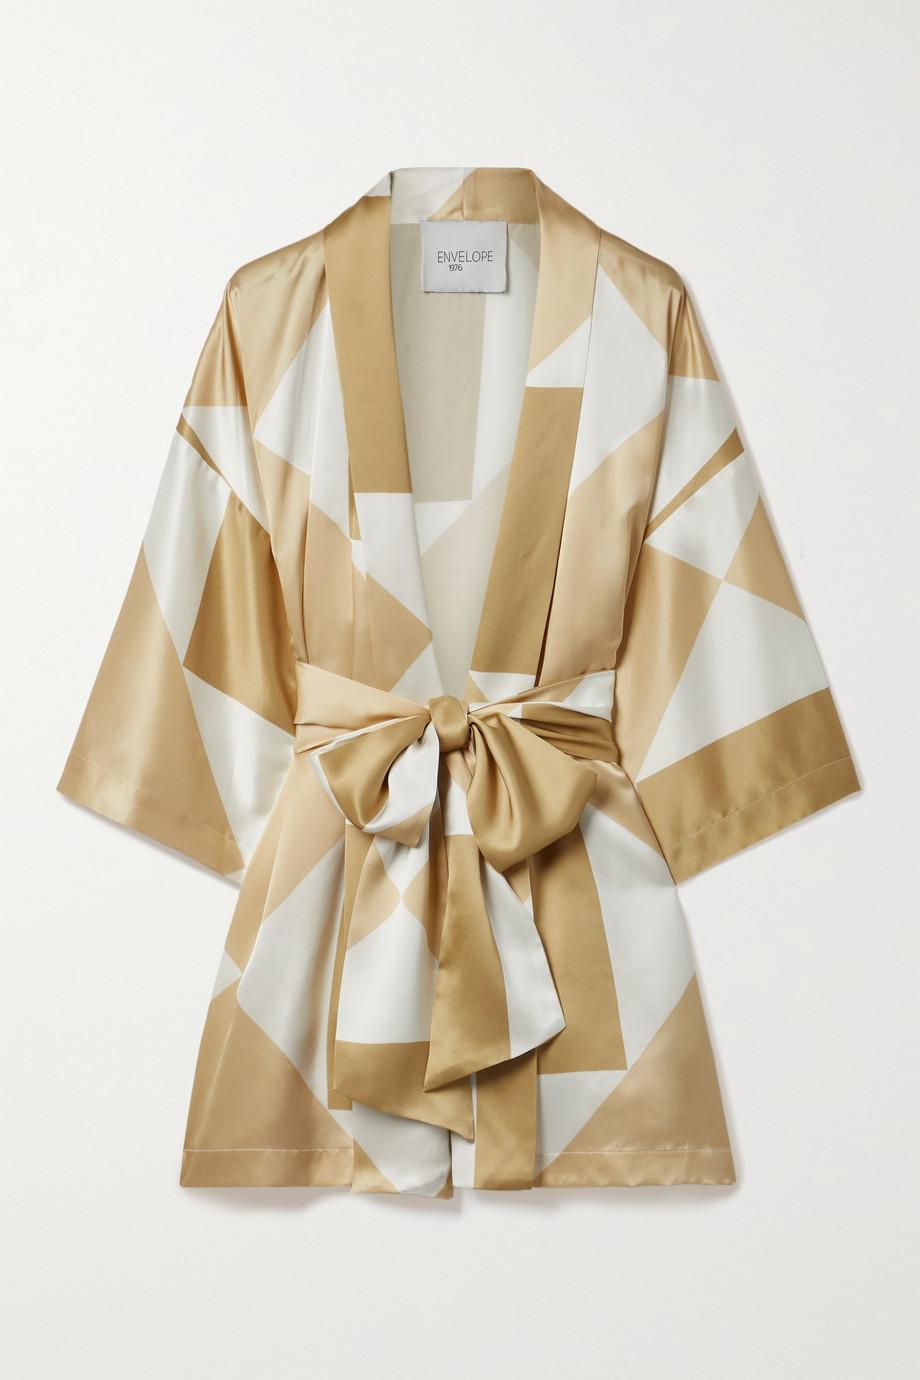 Envelope1976 Kusi belted printed silk kimono